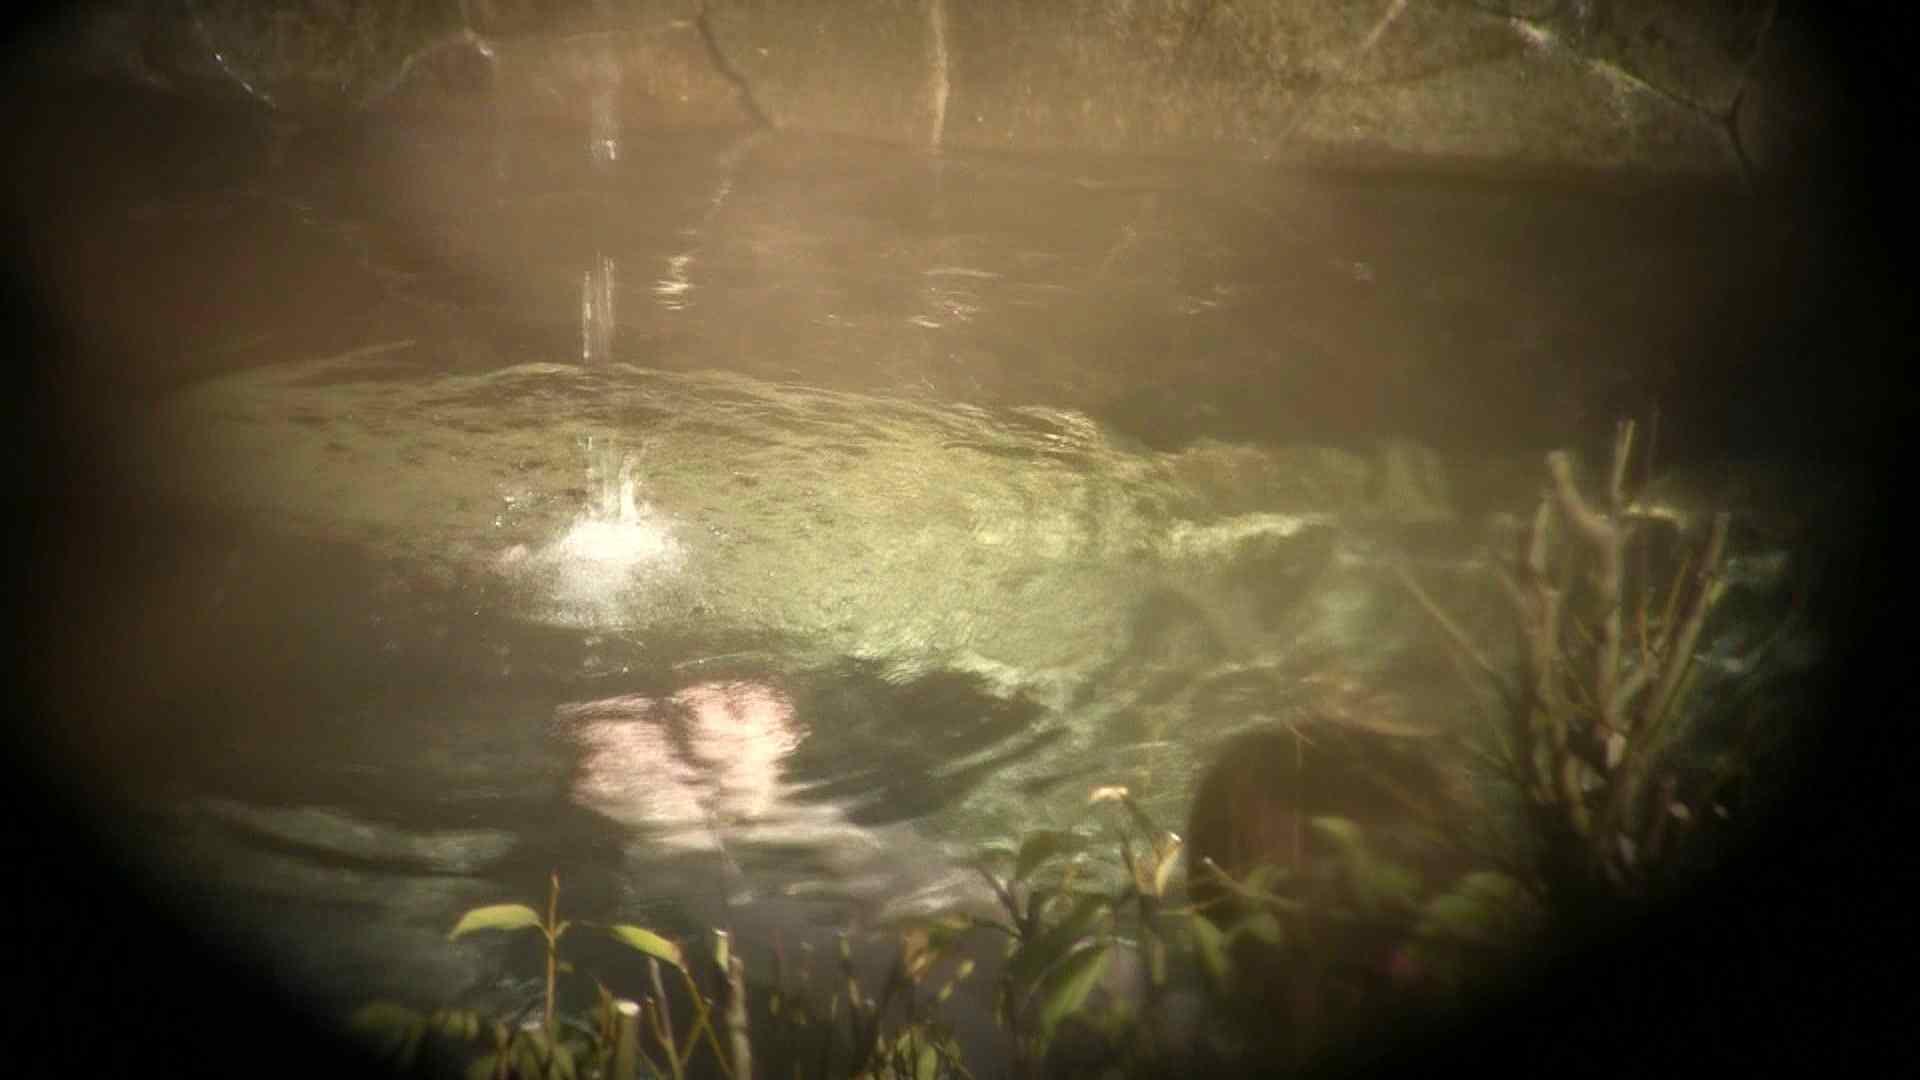 Aquaな露天風呂Vol.698 露天 | OLエロ画像  30PICs 25